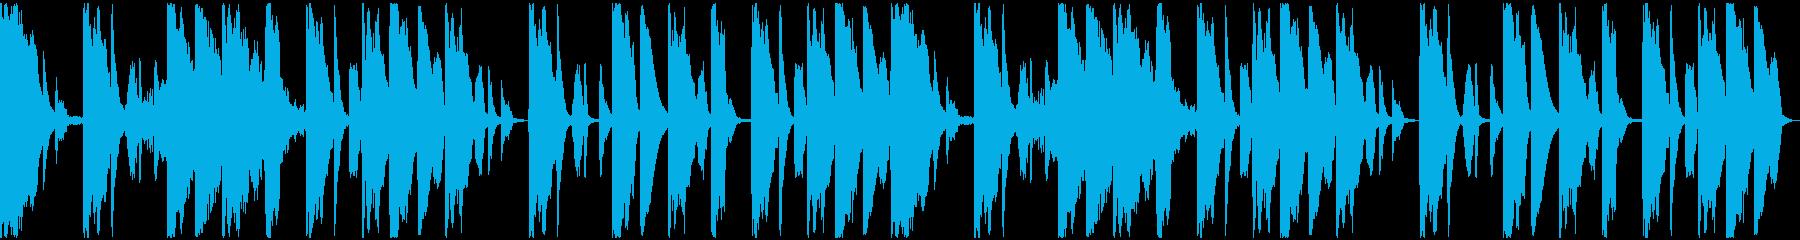 【ミステリアス】ロング1、ジングル1の再生済みの波形